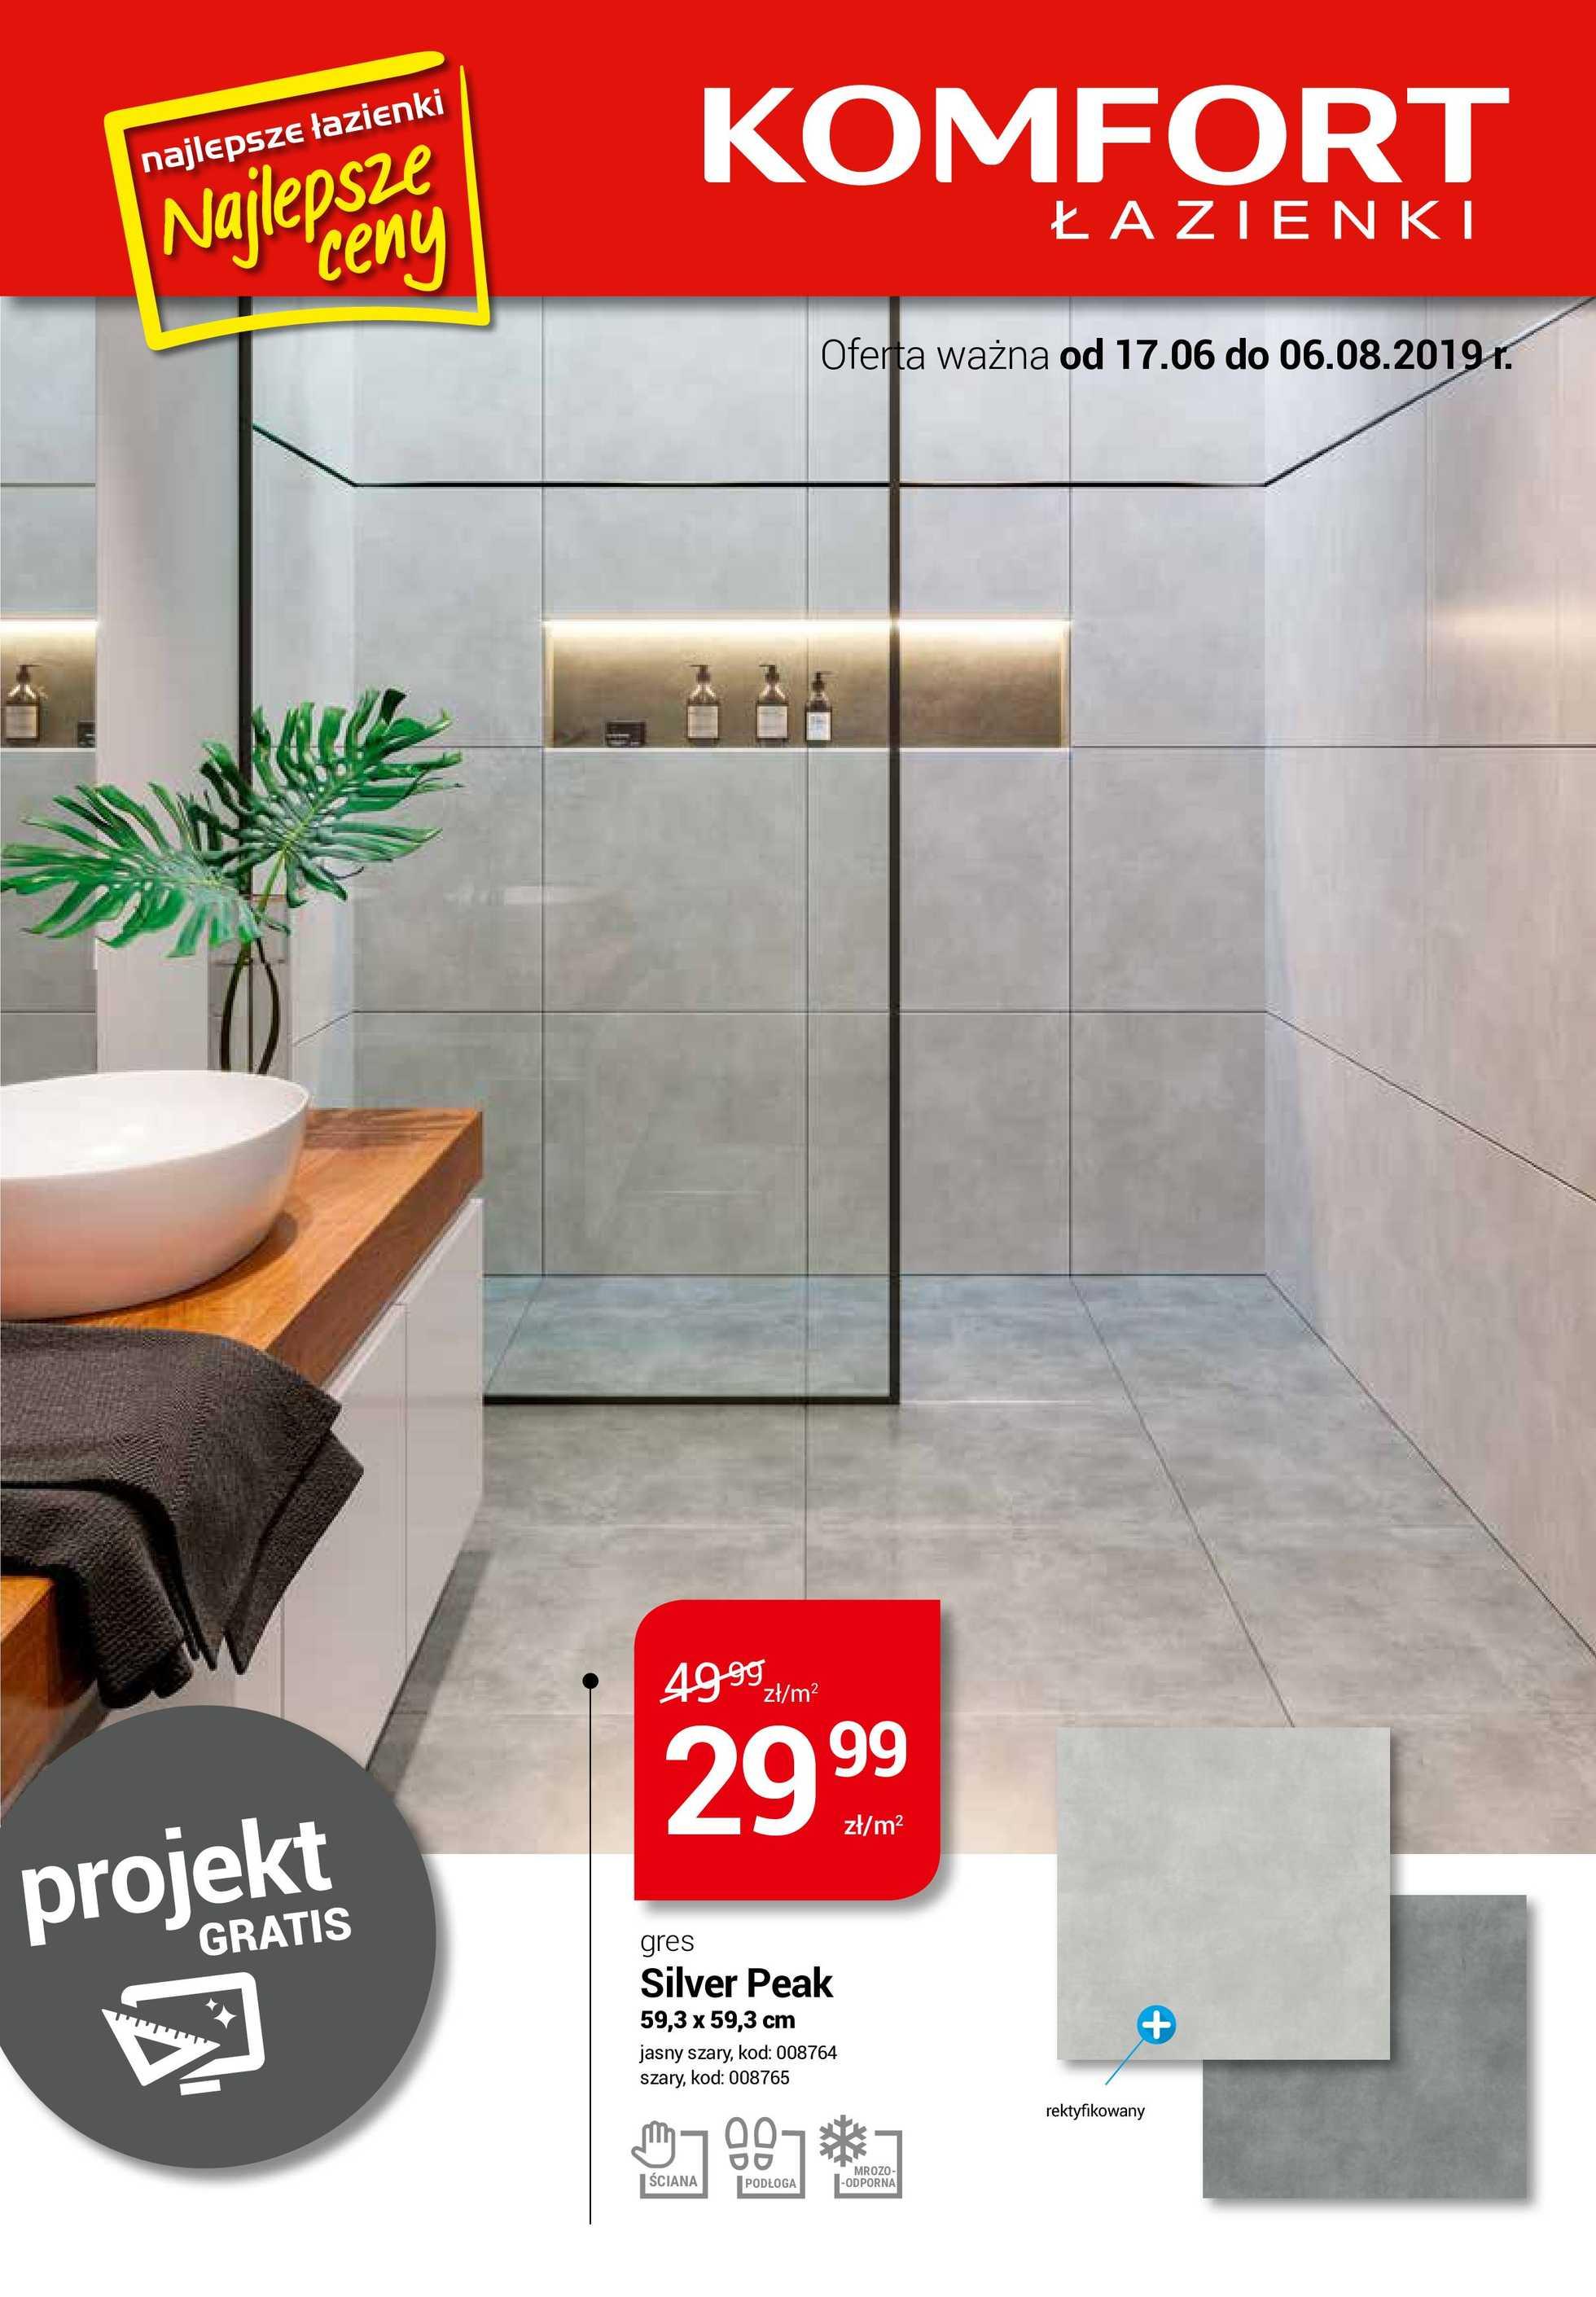 Komfort łazienki Gazetka Promocyjna 17 06 2019 Gazetkowopl